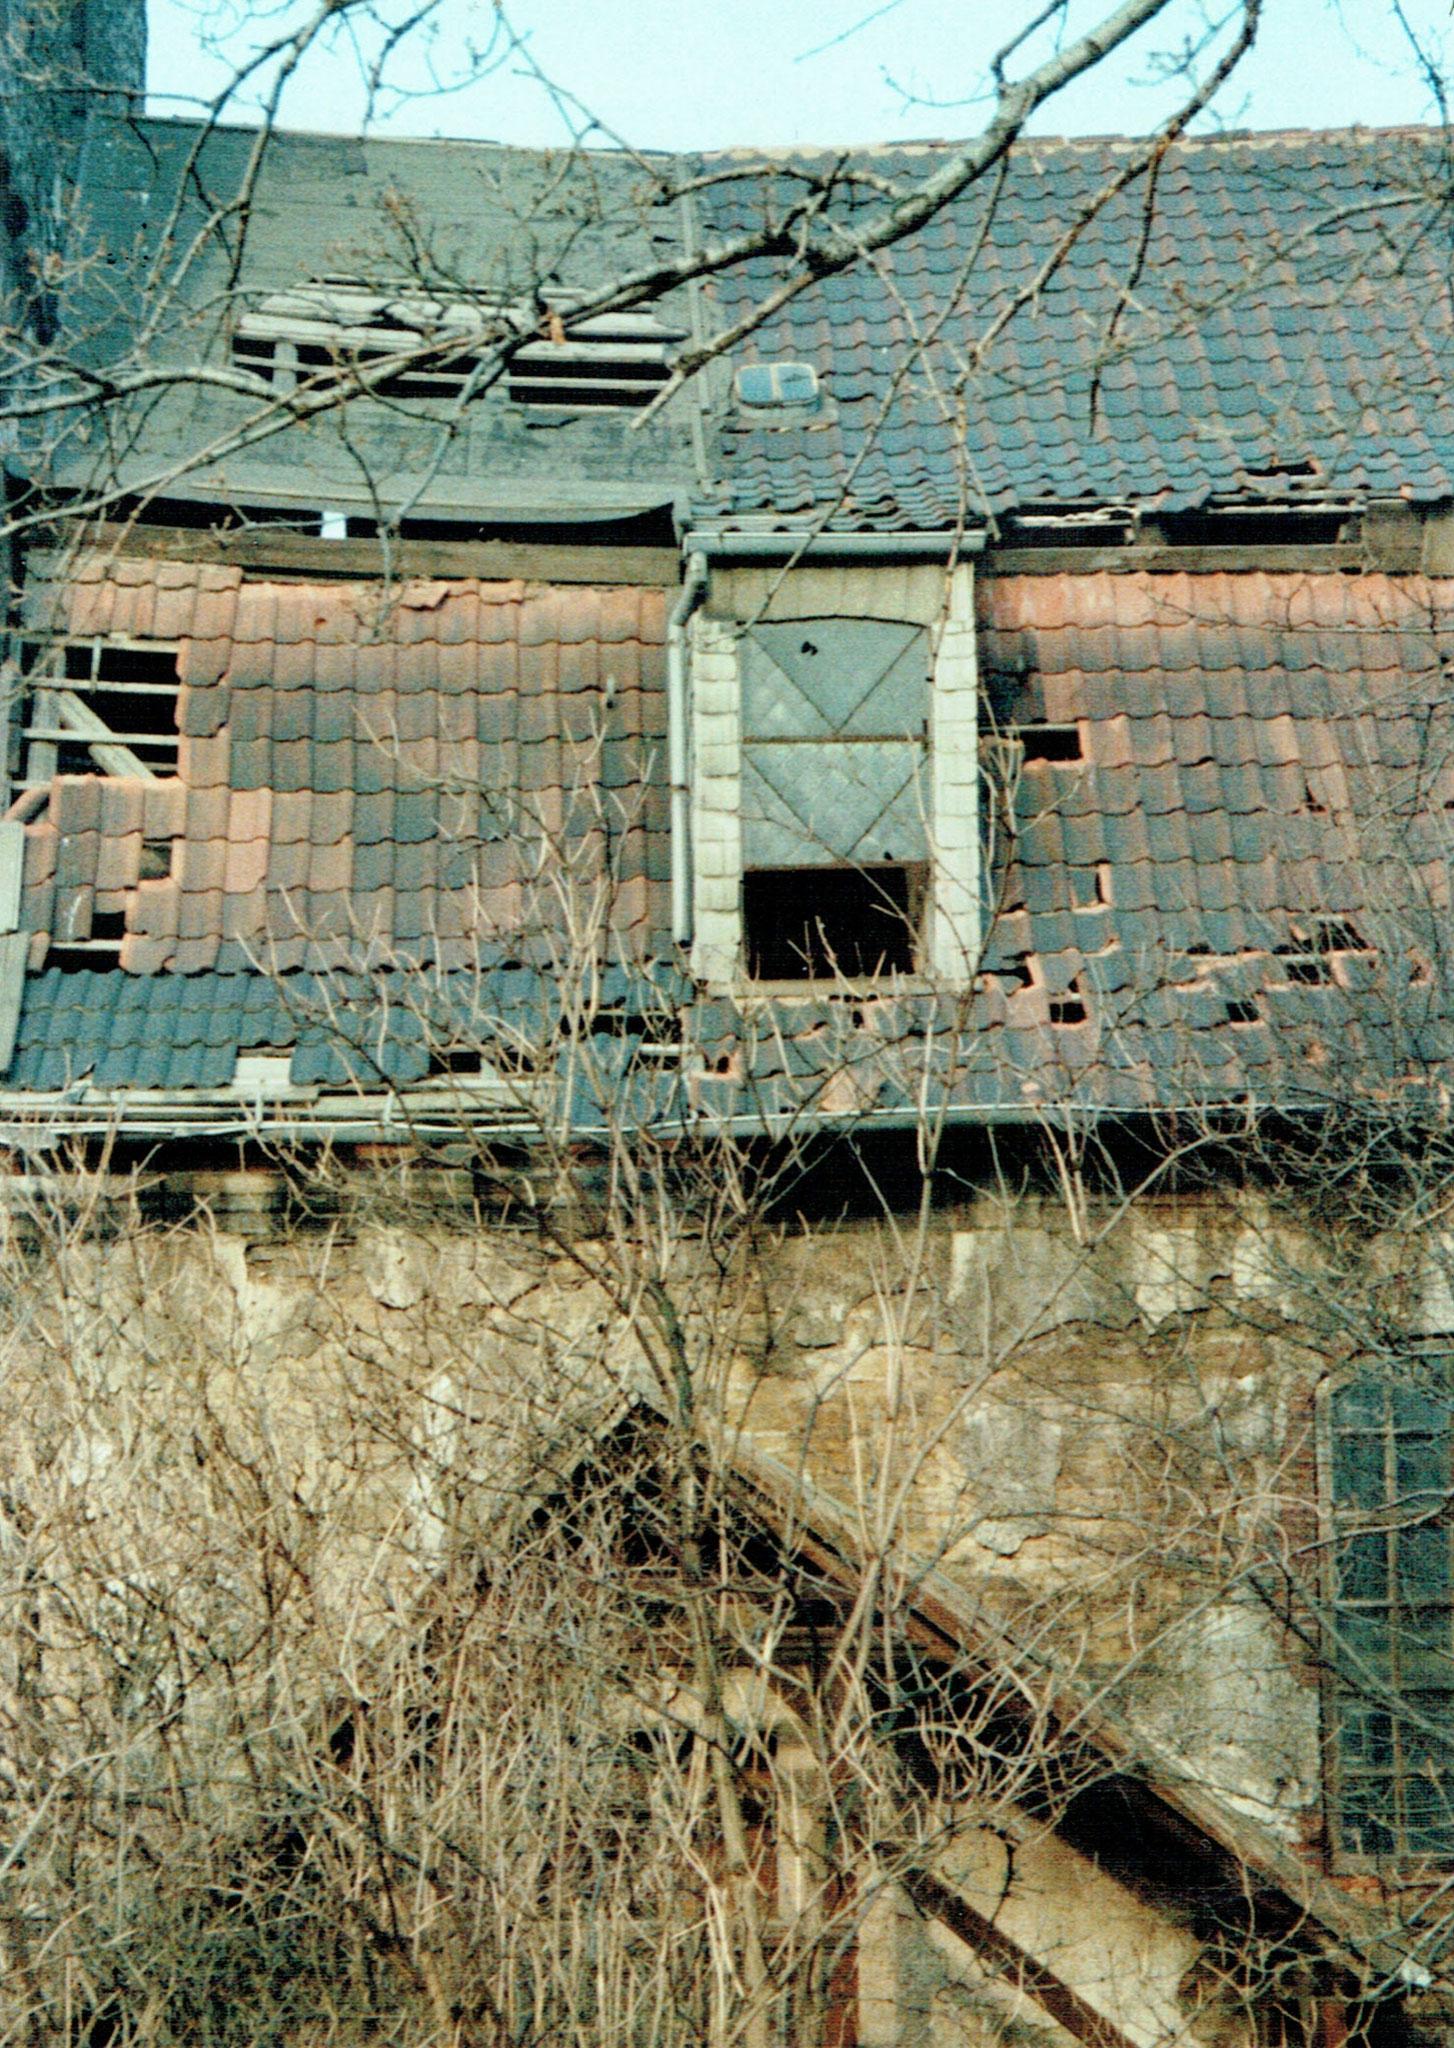 Zerstörtes Dach, Regen dringt ein